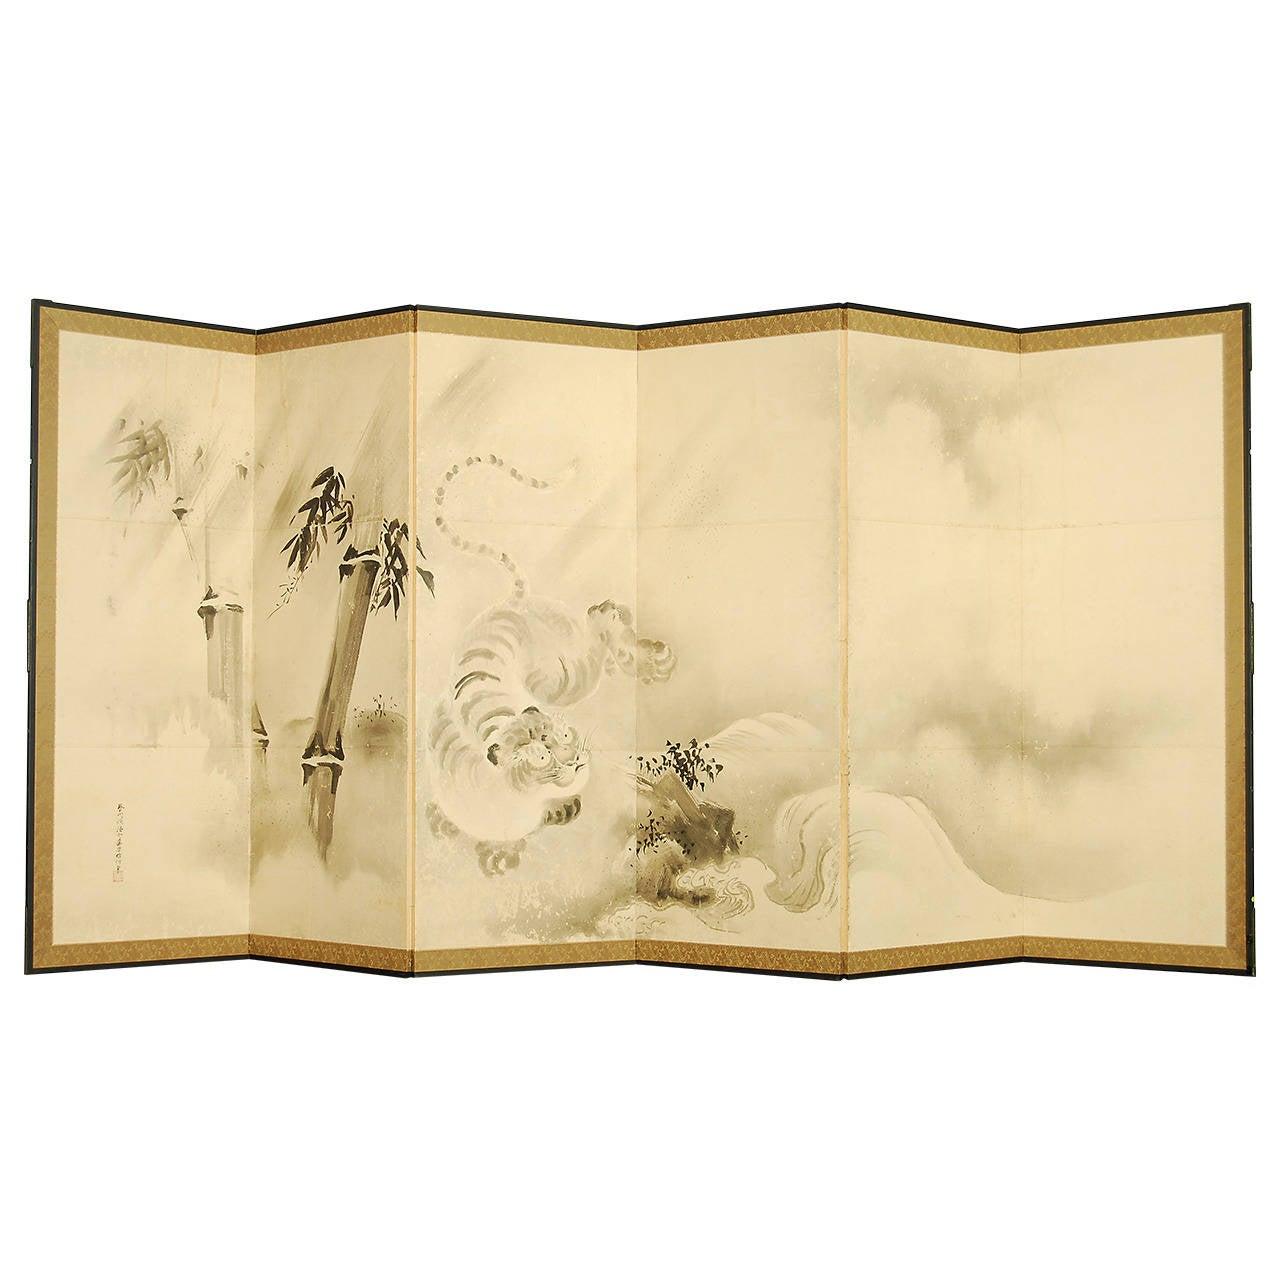 Antique Japanese Kano School Painting by Yosenin Korenobu